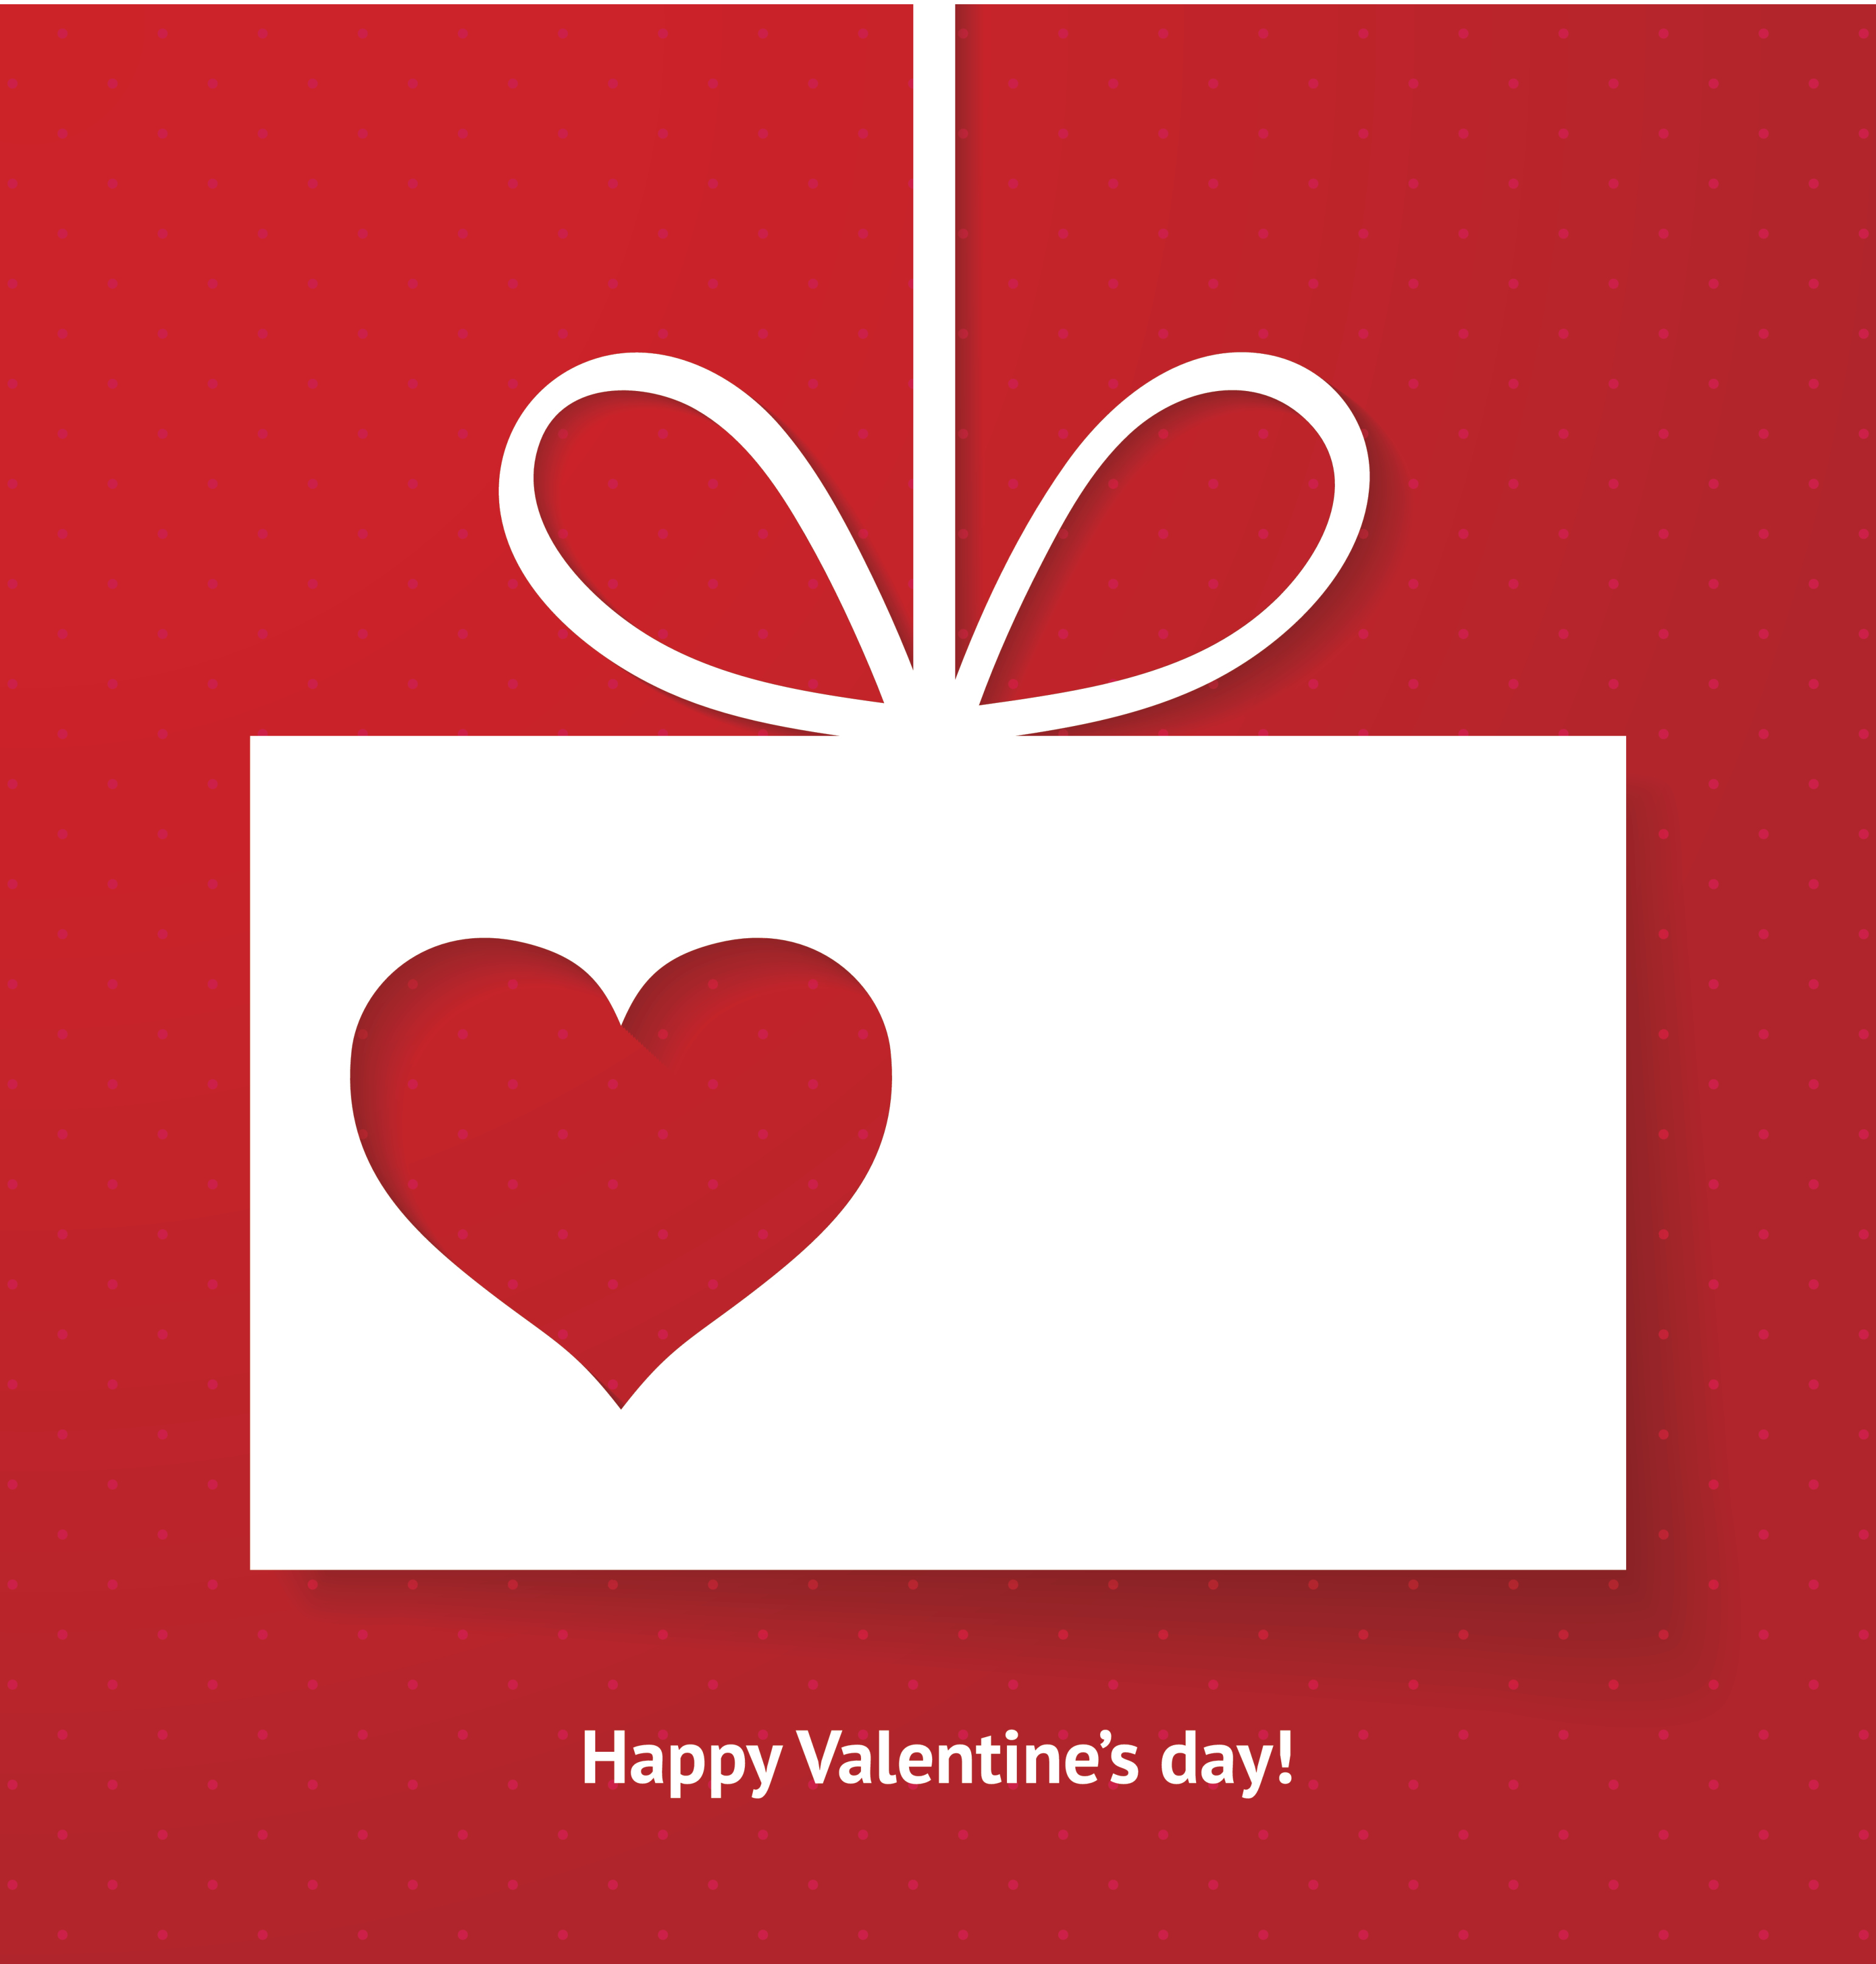 Para san valent n regalos en forma de coraz n kiss fm for Pc in regalo gratis